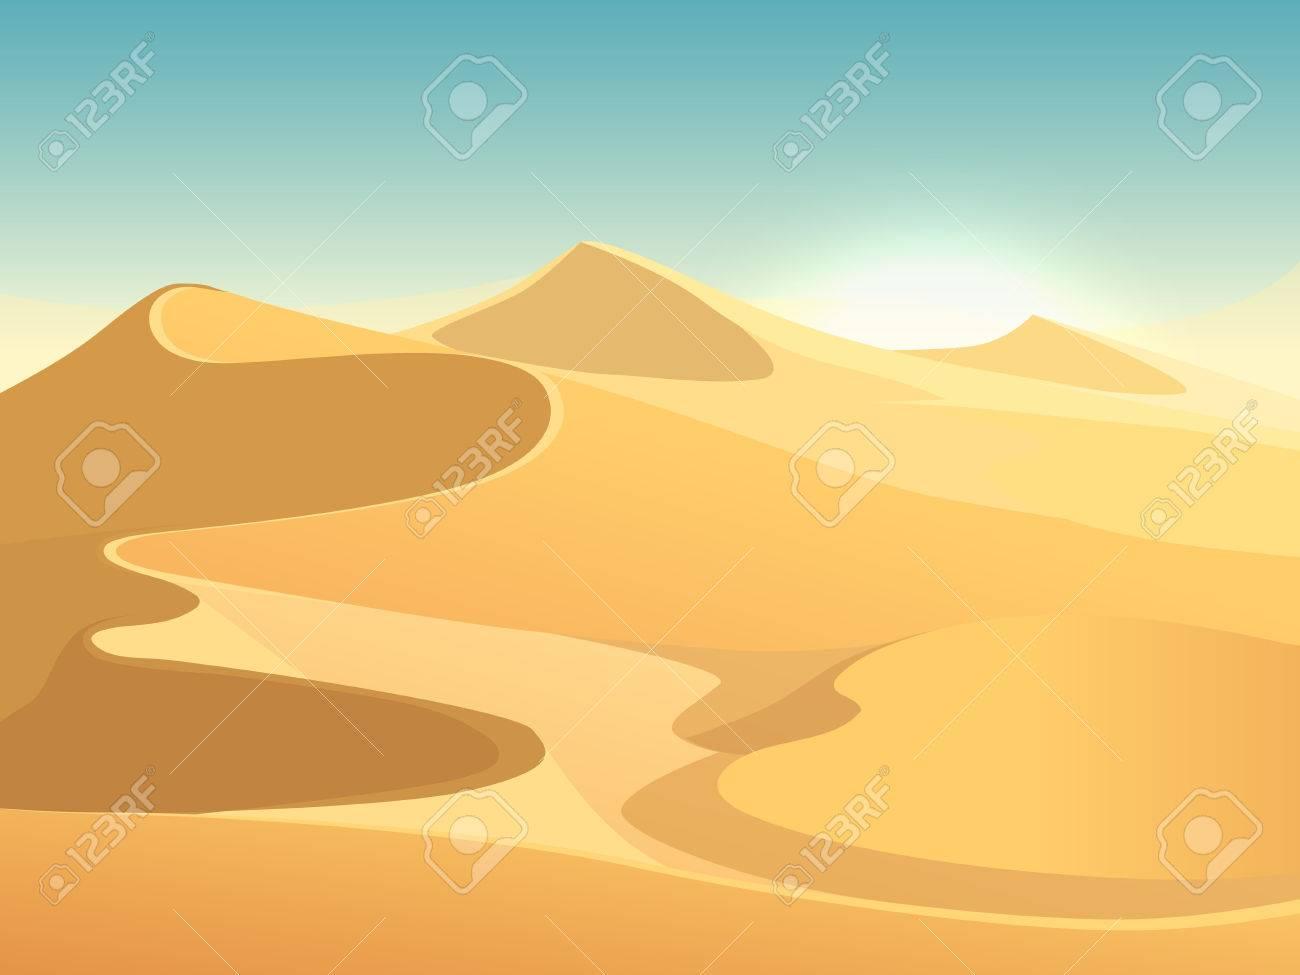 Desert dunes vector egyptian landscape background. Sand in nature illustration - 63723830